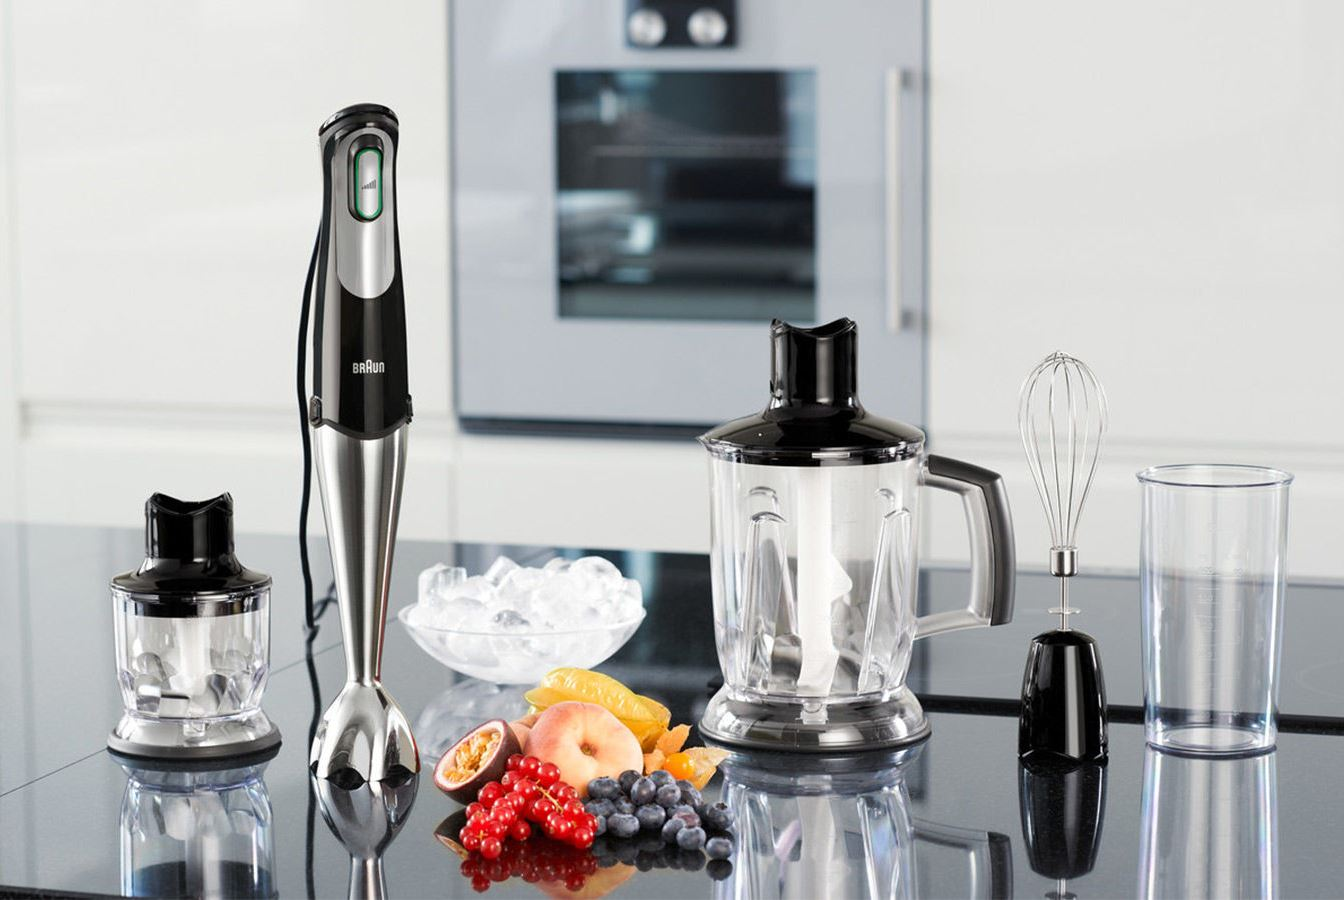 Кухонная техника - только Braun: 5 причин купить официальную продукцию от немецкого бренда